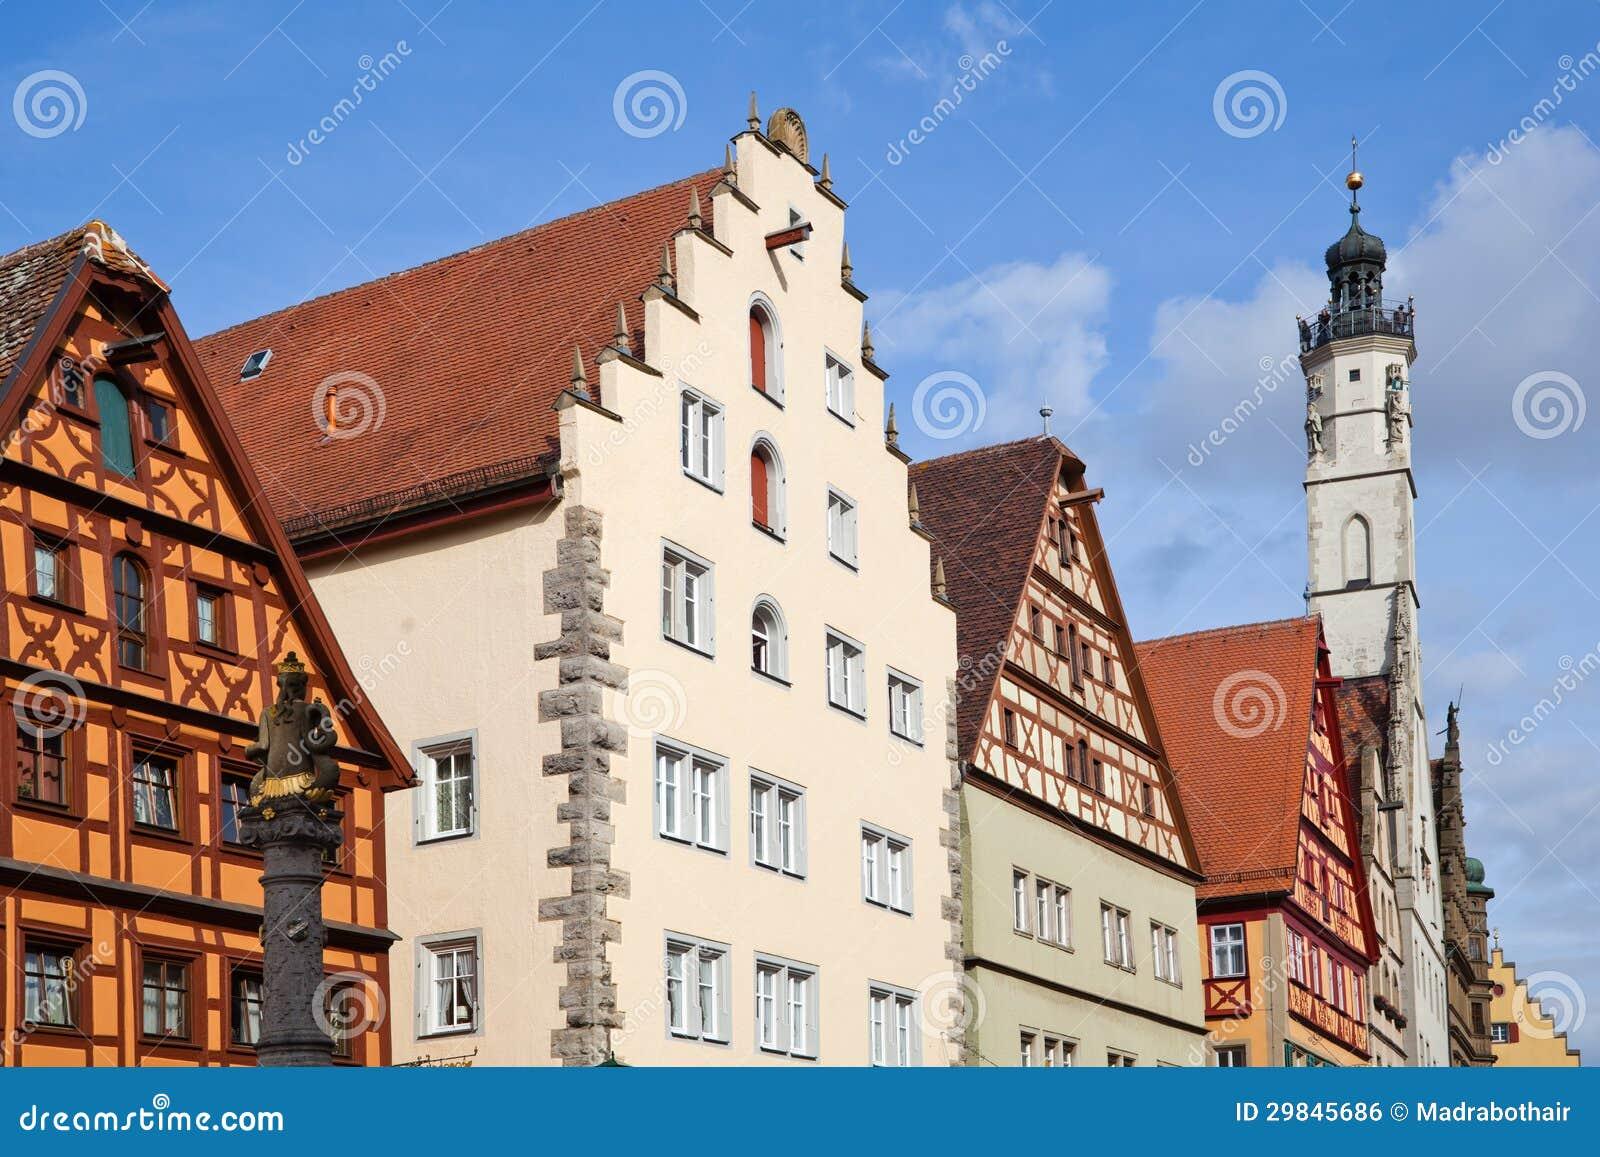 Der Tauber do ob de Rothenburg